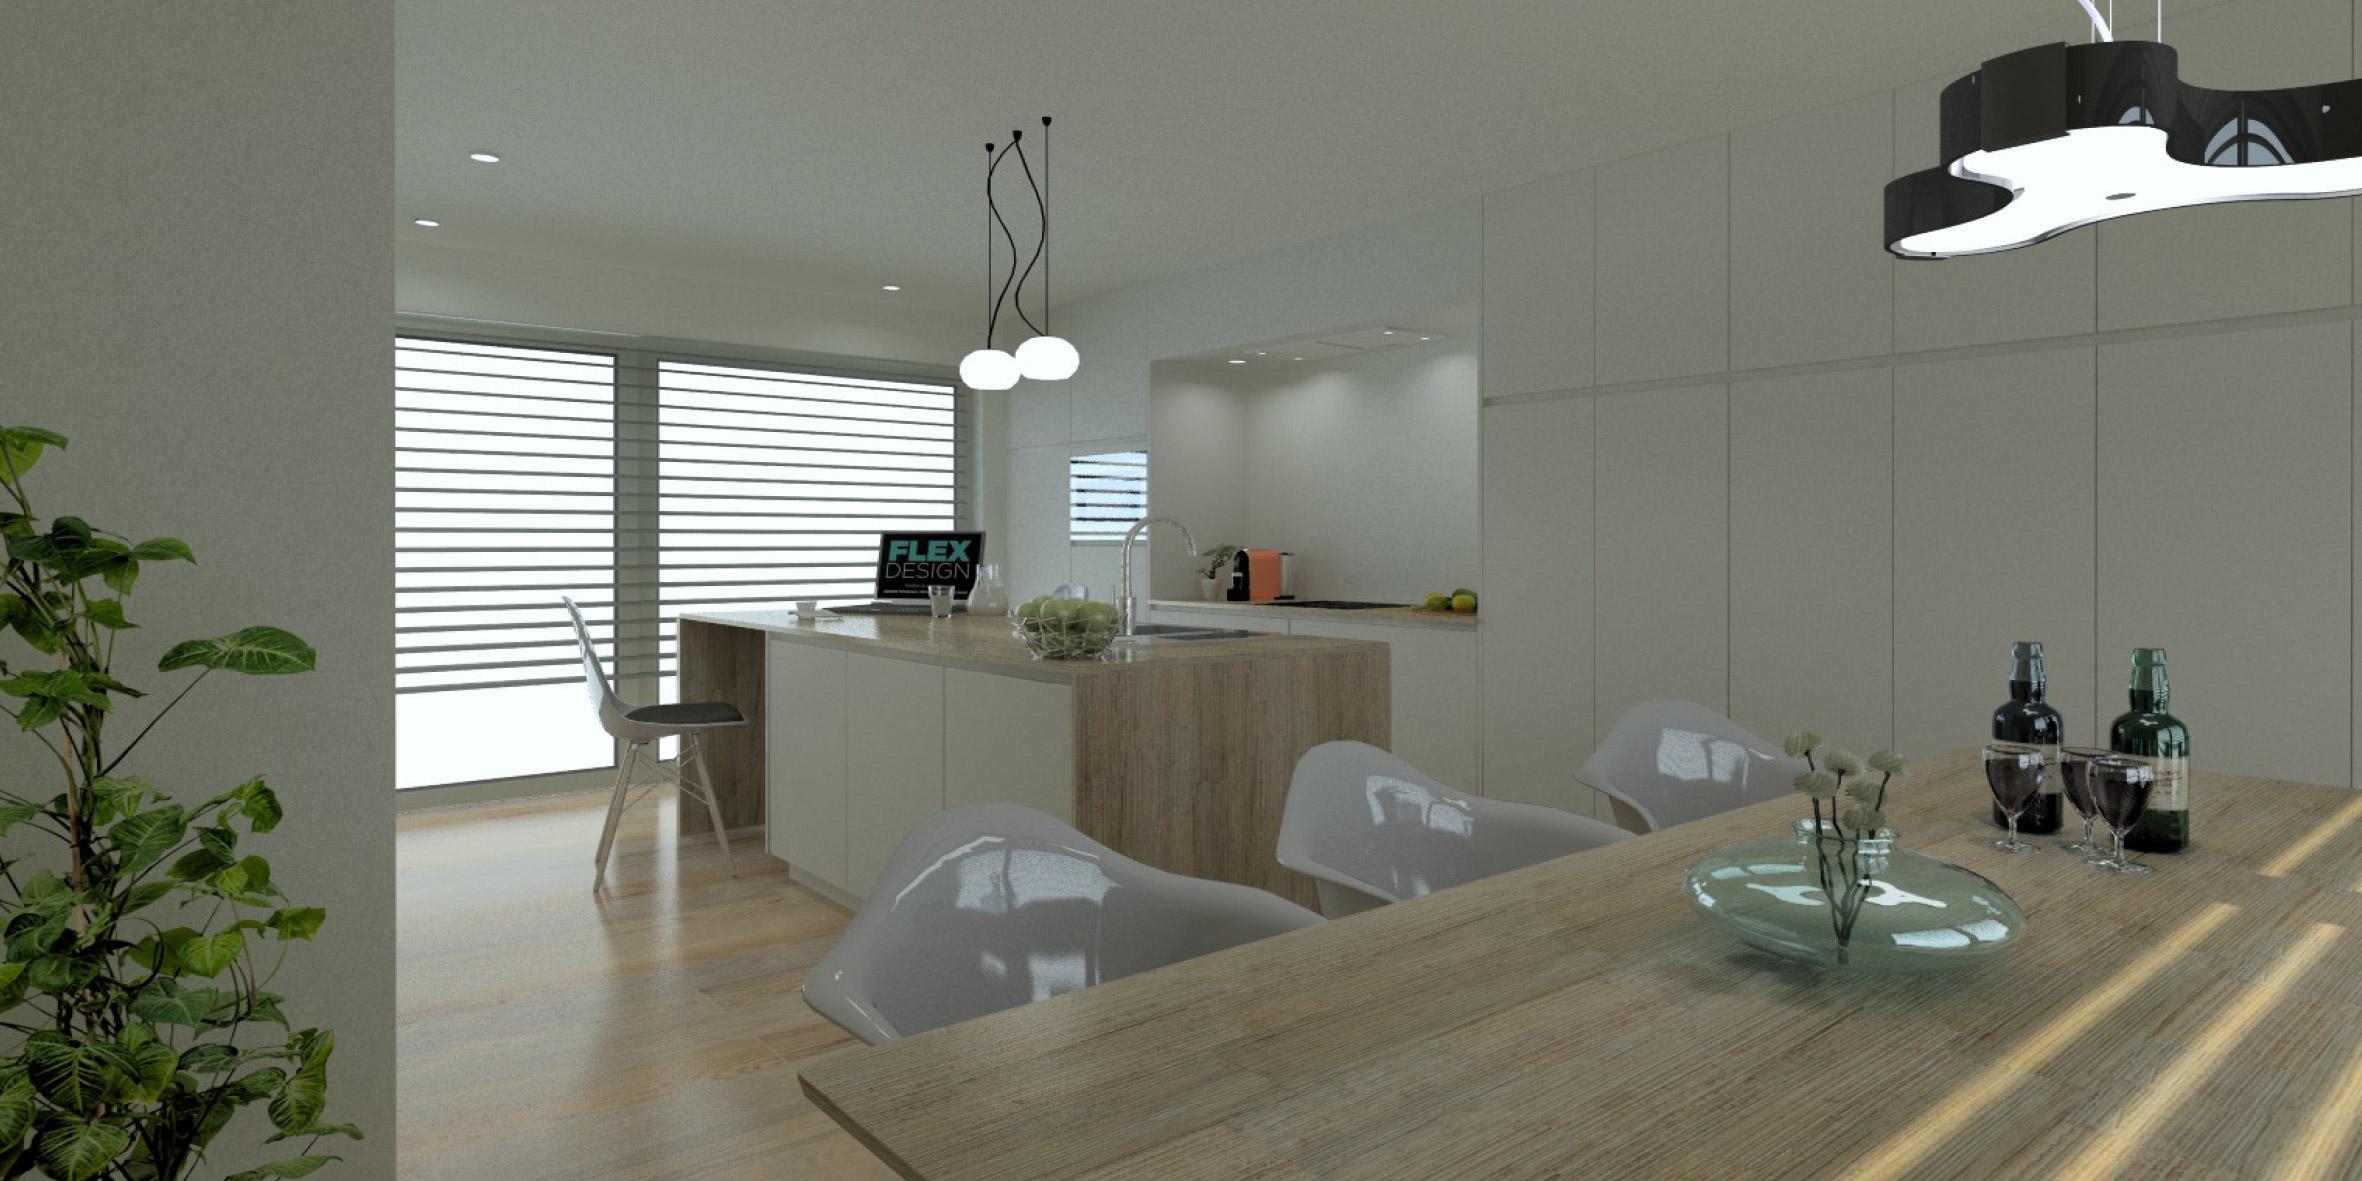 keuken47a